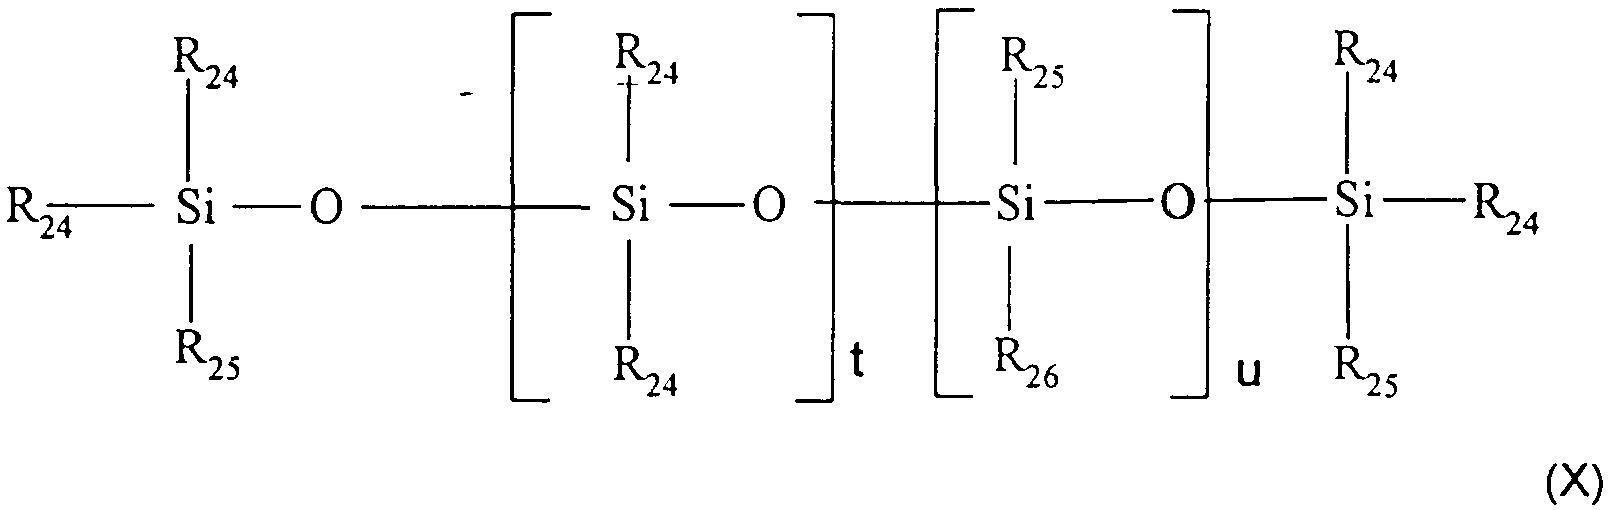 Figure img00350001